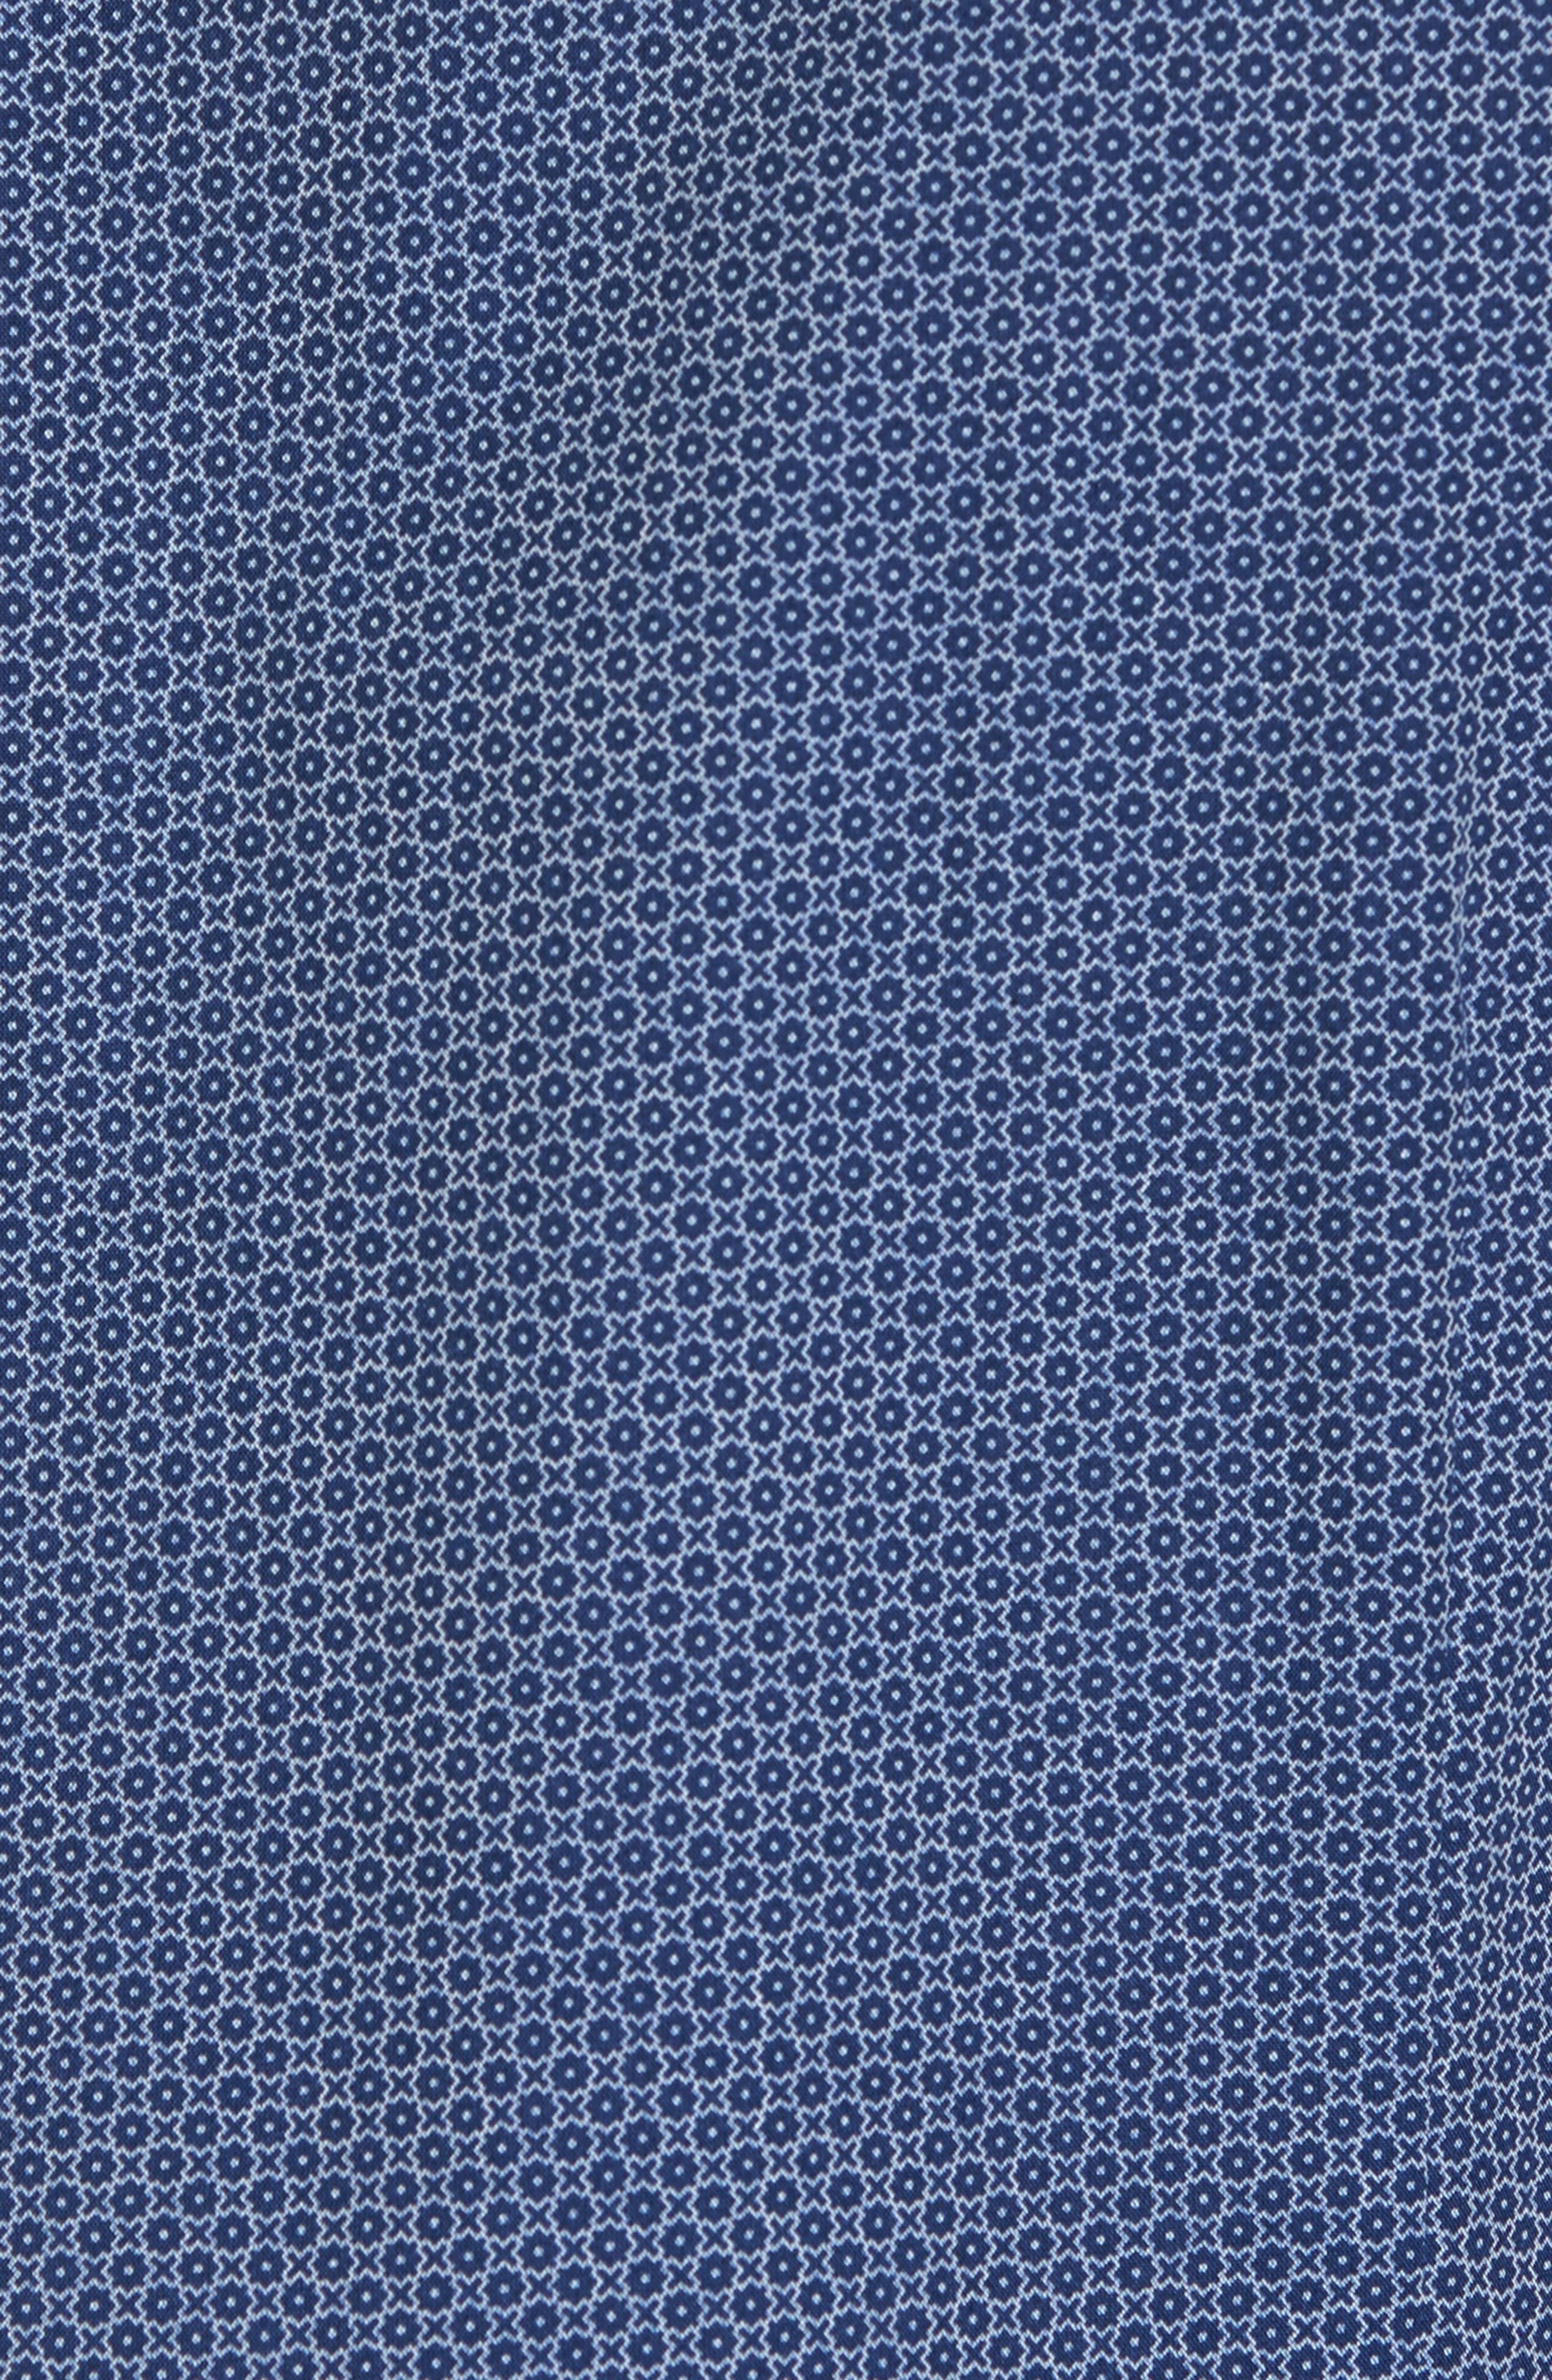 Holic Trim Fit Geometric Sport Shirt,                             Alternate thumbnail 9, color,